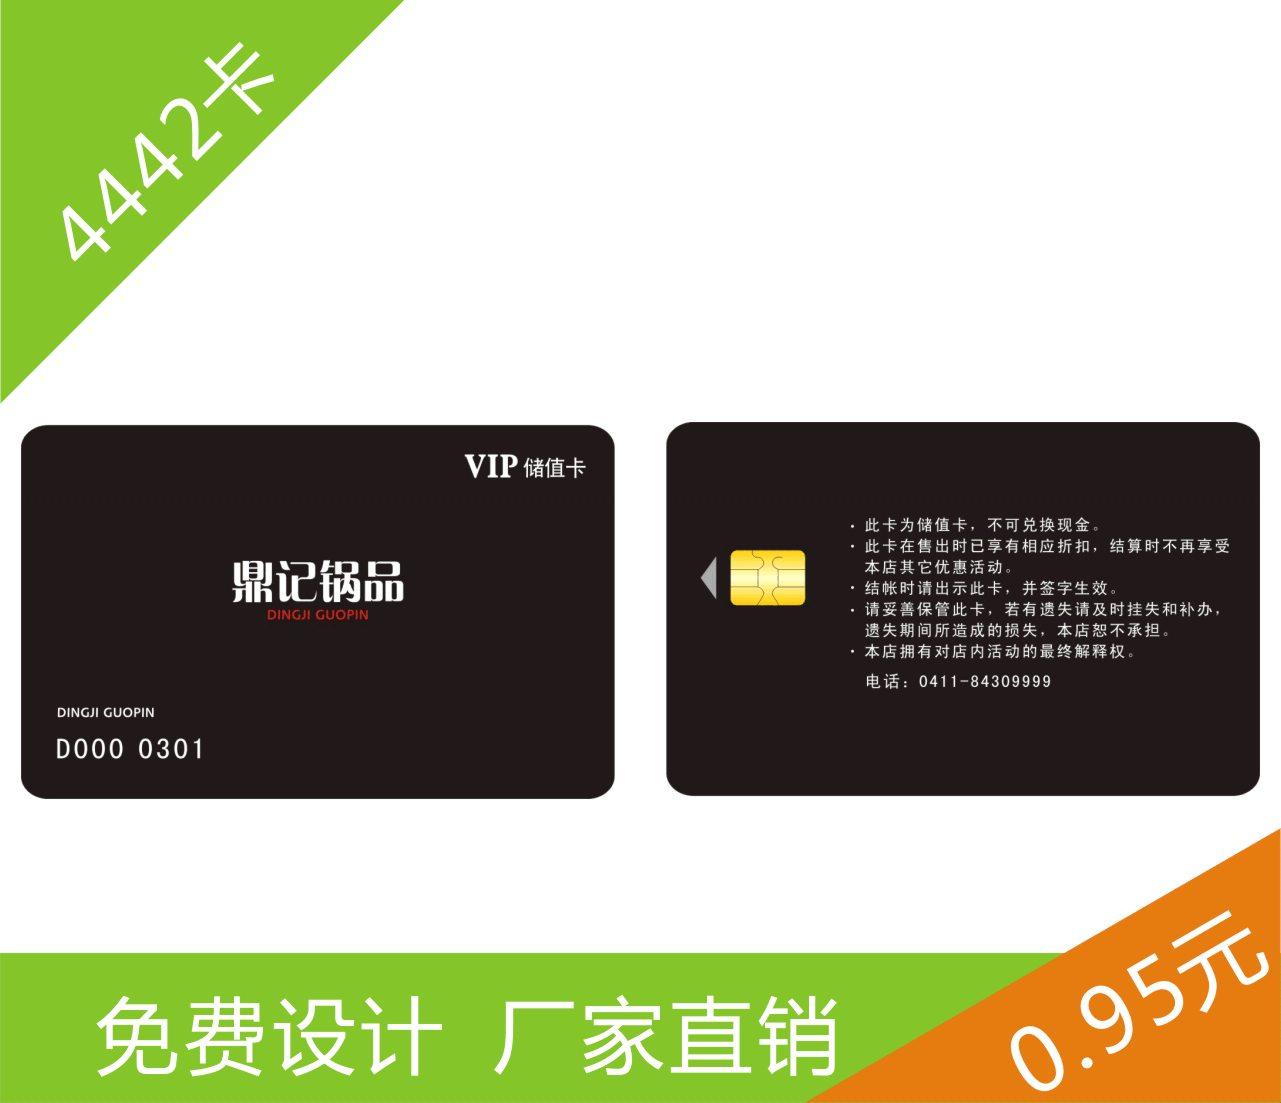 印刷国产4442卡 4442会员卡 酒店门锁卡 社保卡 网吧卡 游戏卡